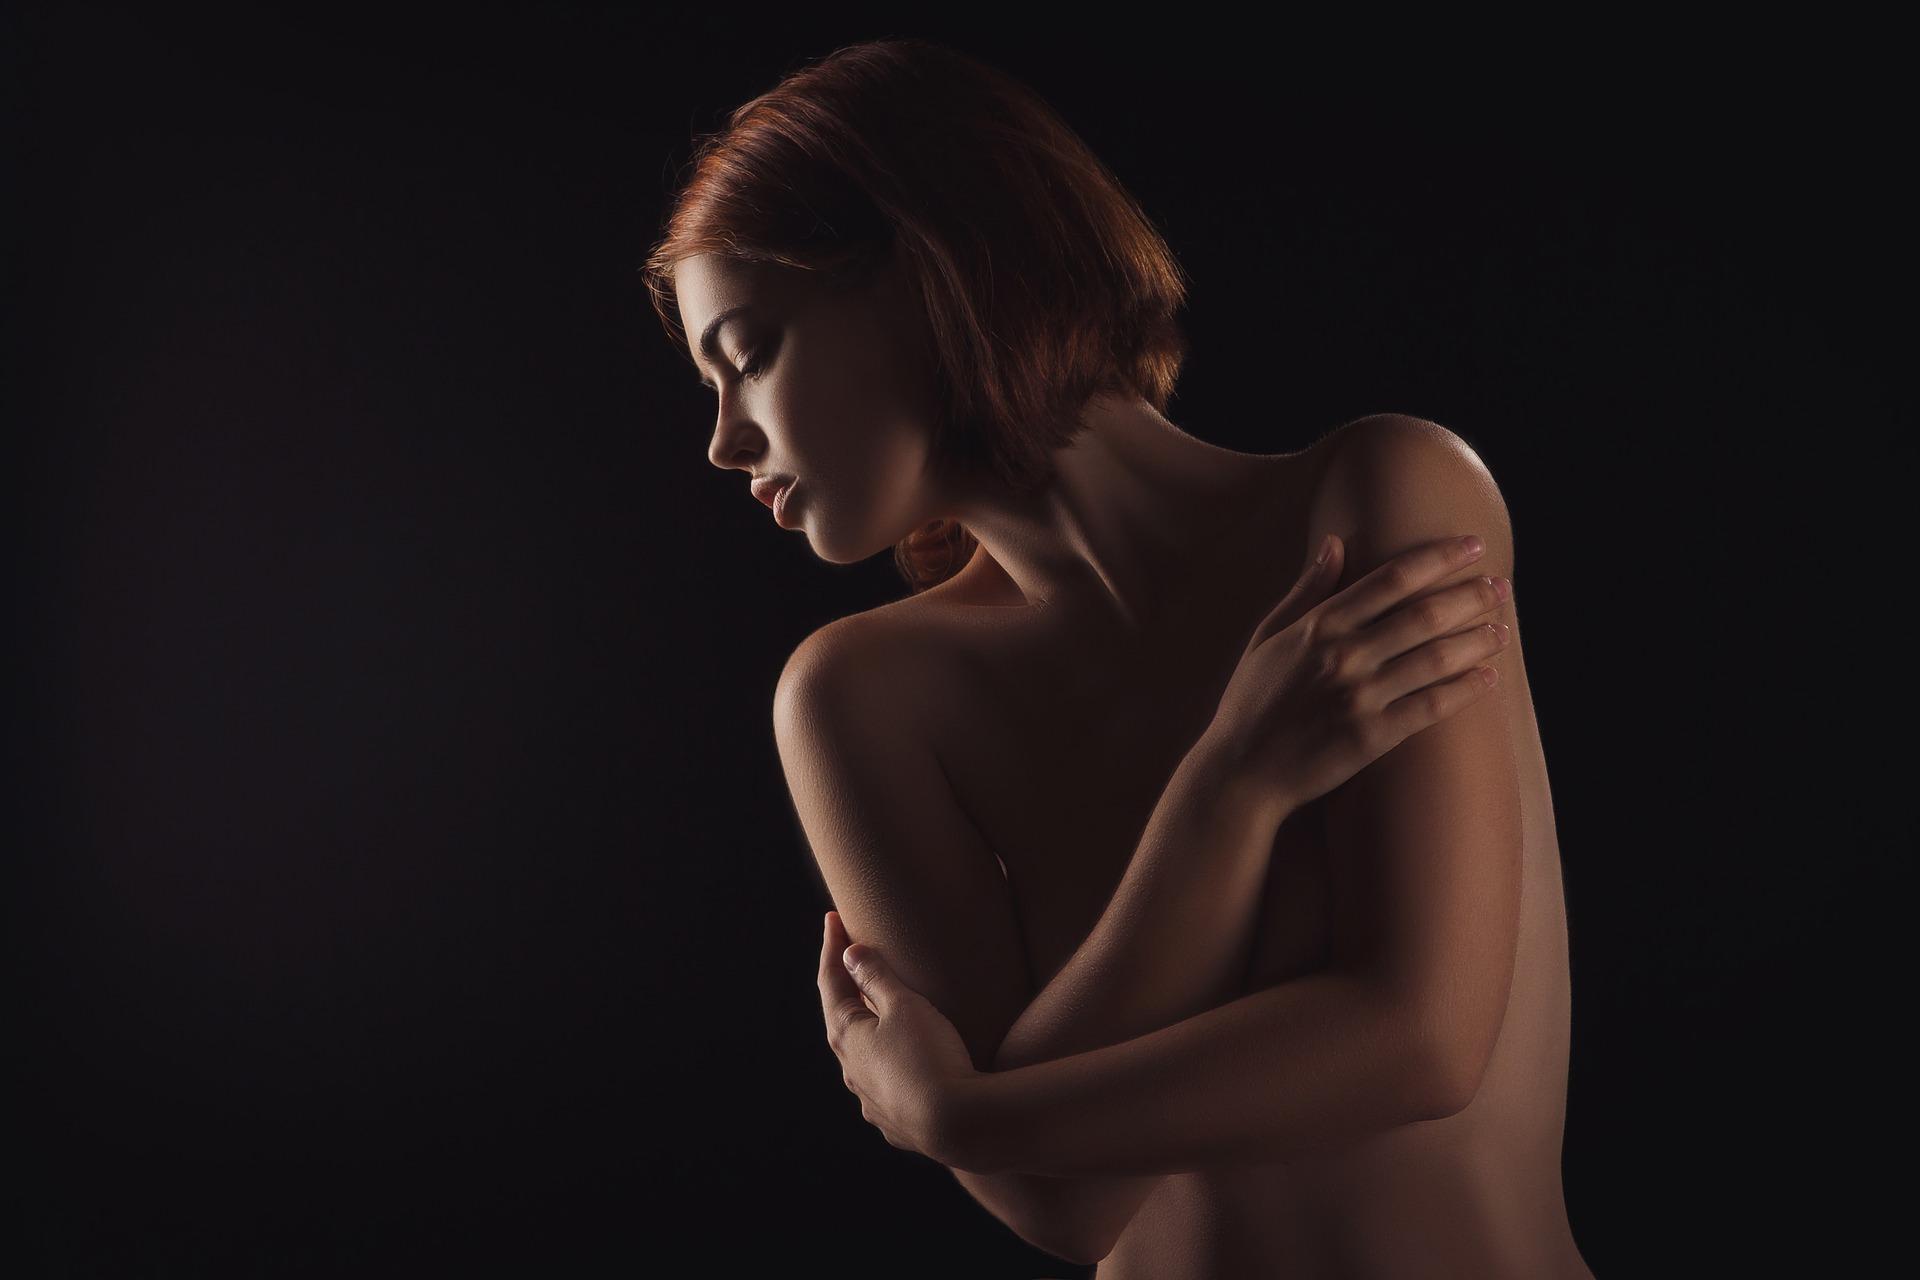 Frau mit nacktem Oberkörper, die ihre Arme vor ihren Brüsten verschränkt, vor schwarzem Hintergrund.